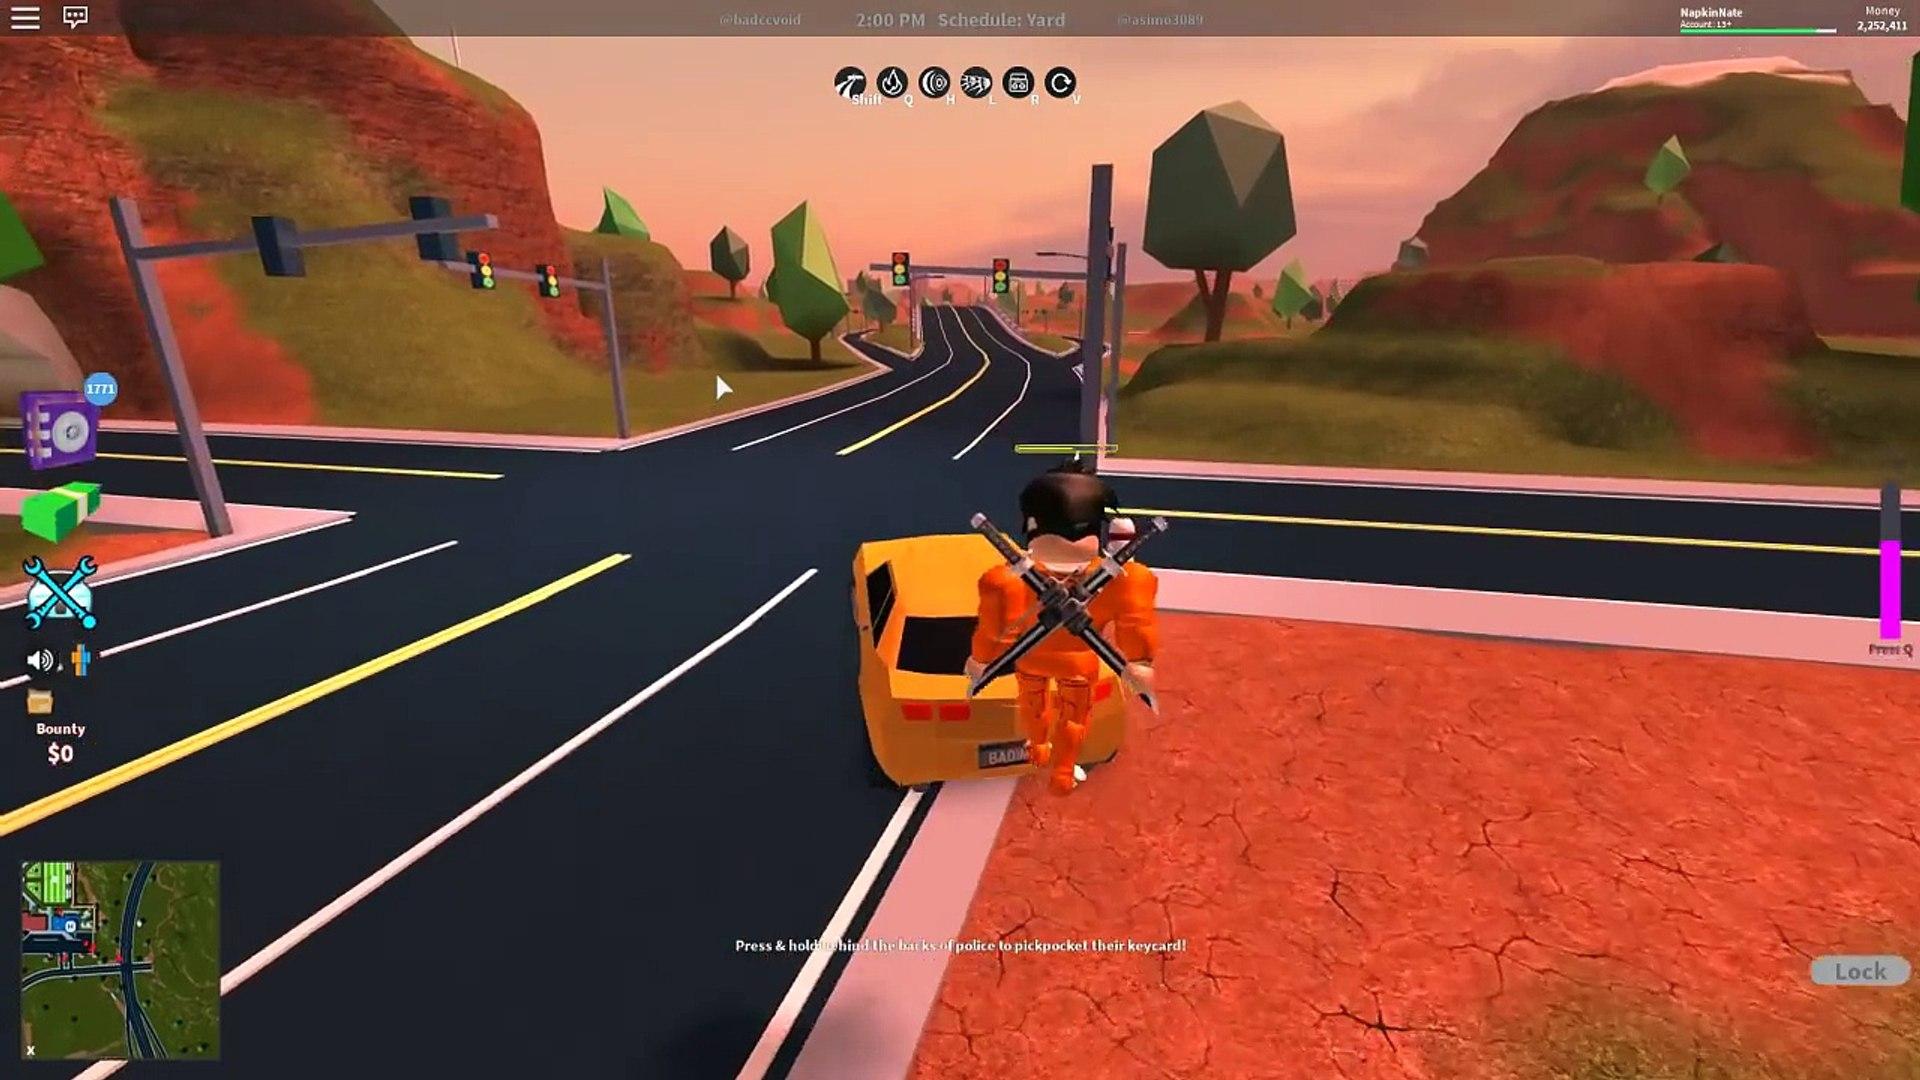 Roblox Jailbreak Napkinnate News New Boss Weapons Update Roblox Jailbreak Video Dailymotion